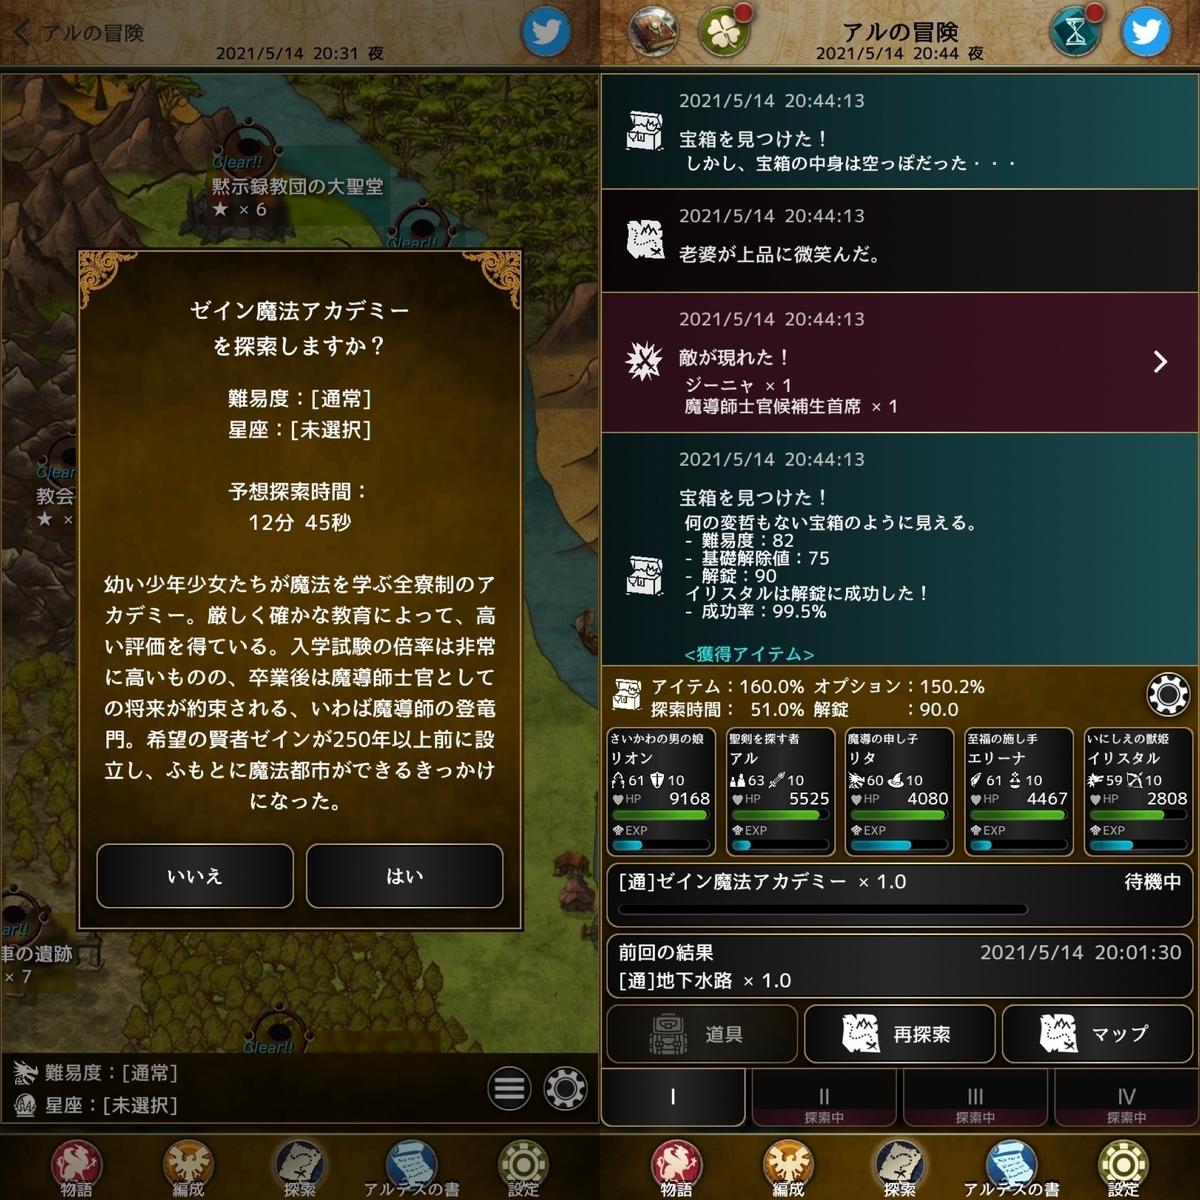 f:id:asamushi:20210519110343j:plain